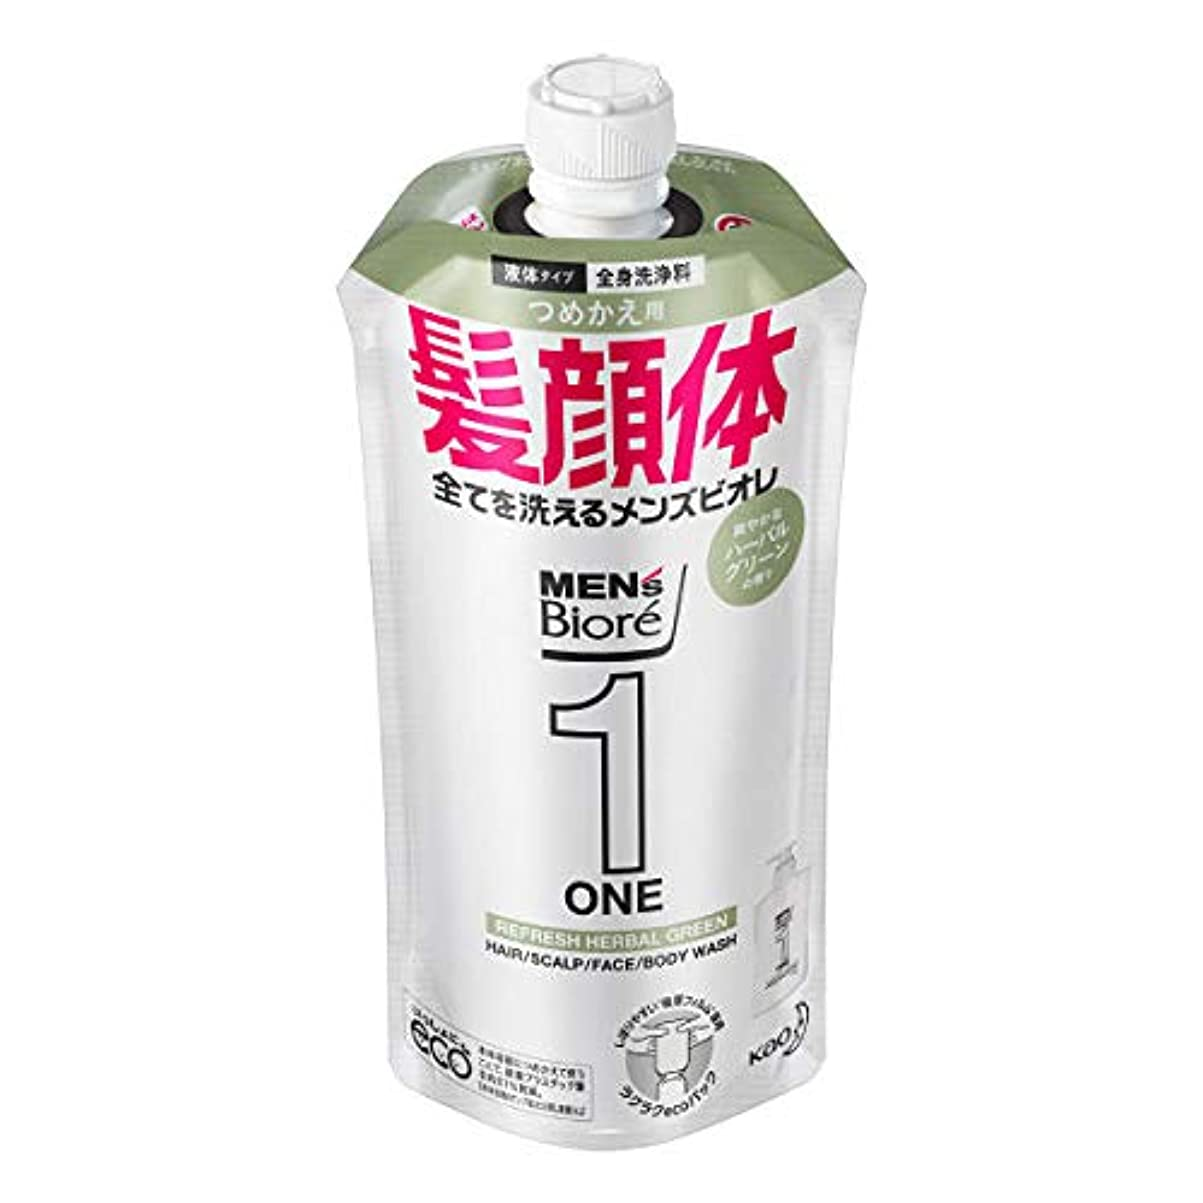 達成別々に合理的メンズビオレONE オールインワン全身洗浄料 爽やかなハーブルグリーンの香り つめかえ用 340mL